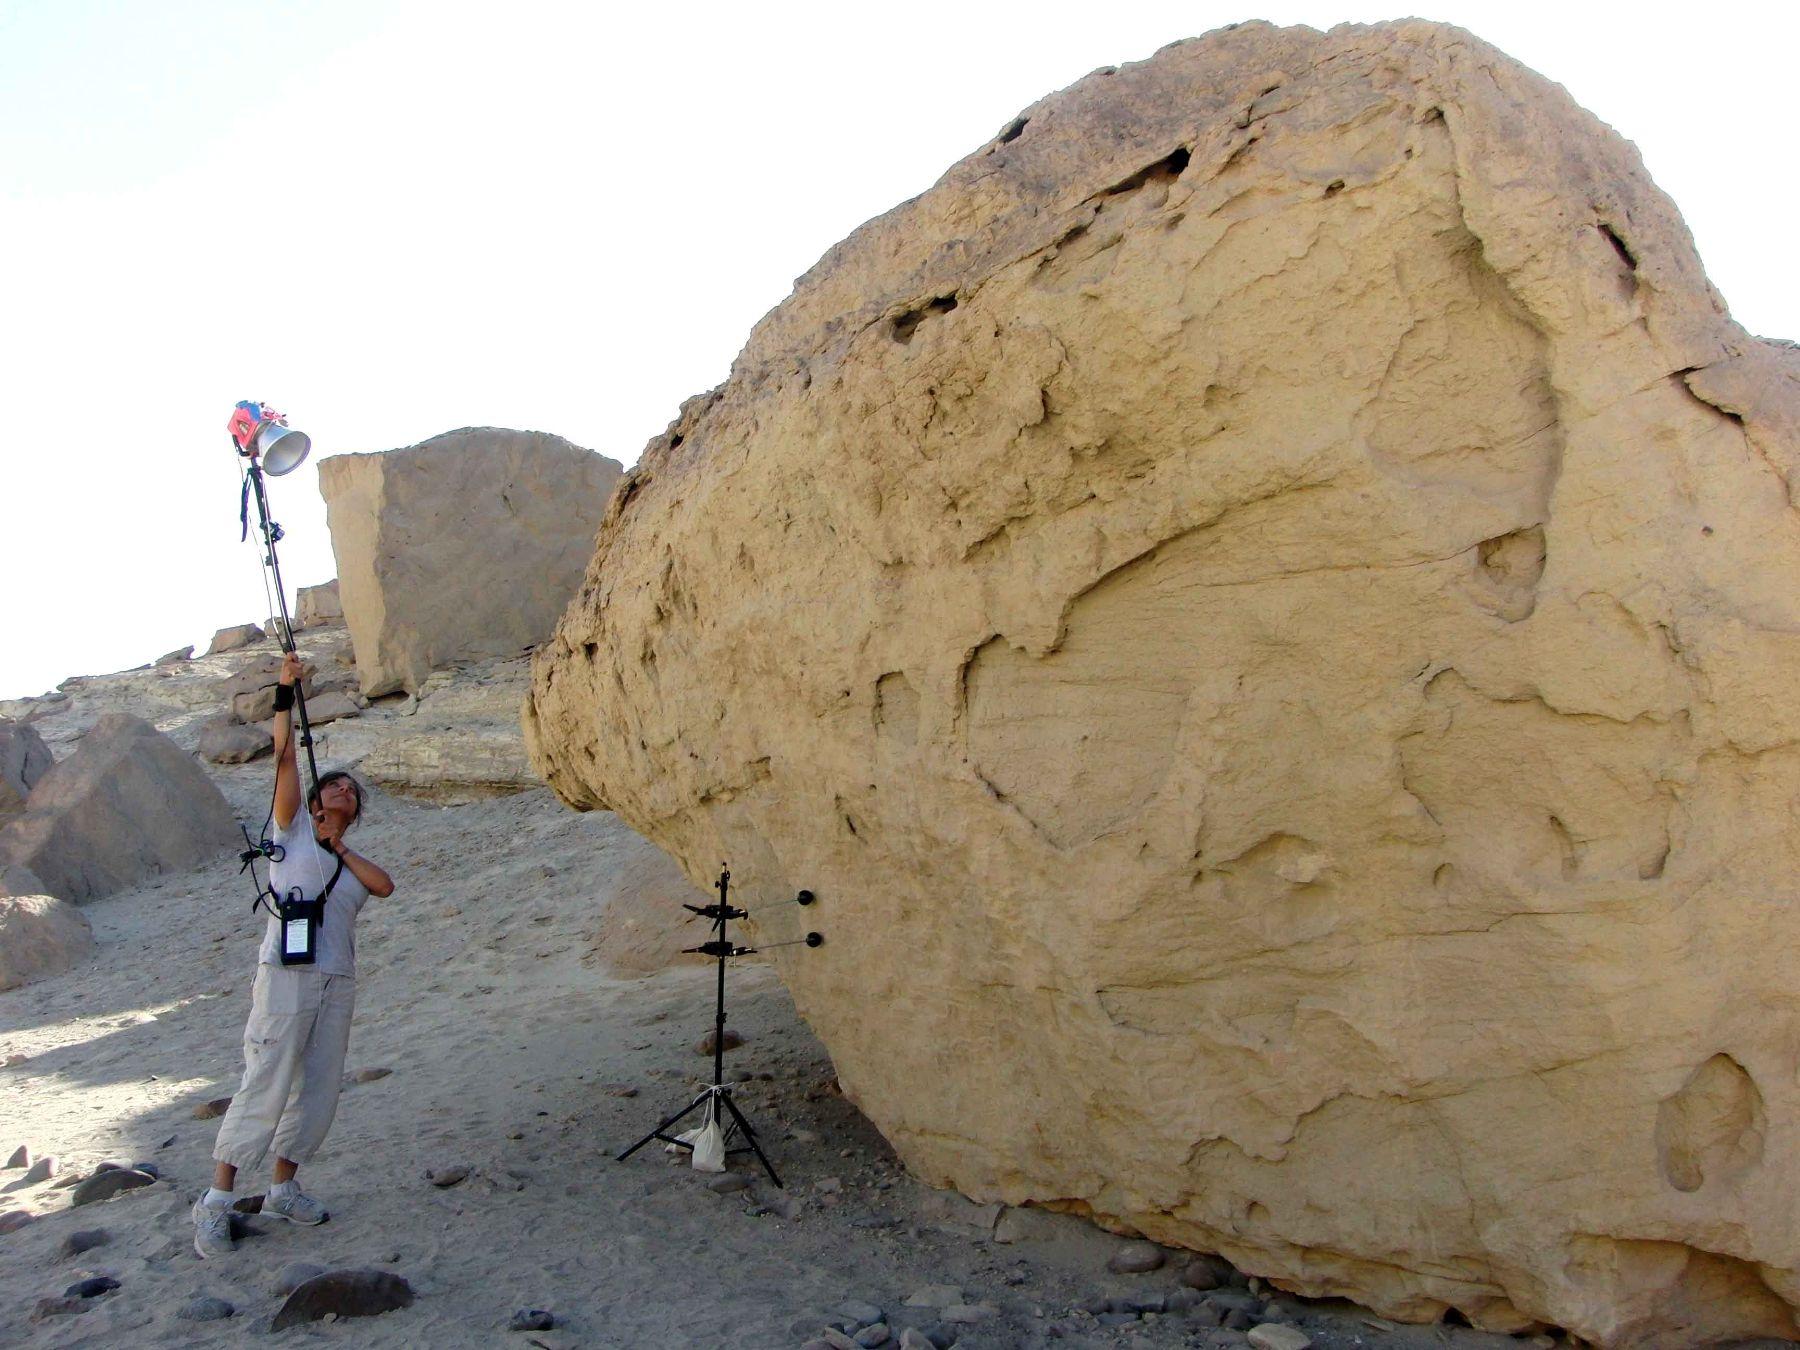 Estudios aplicados en petroglifos de Nasca. Foto: ANDINA/Cortesía.